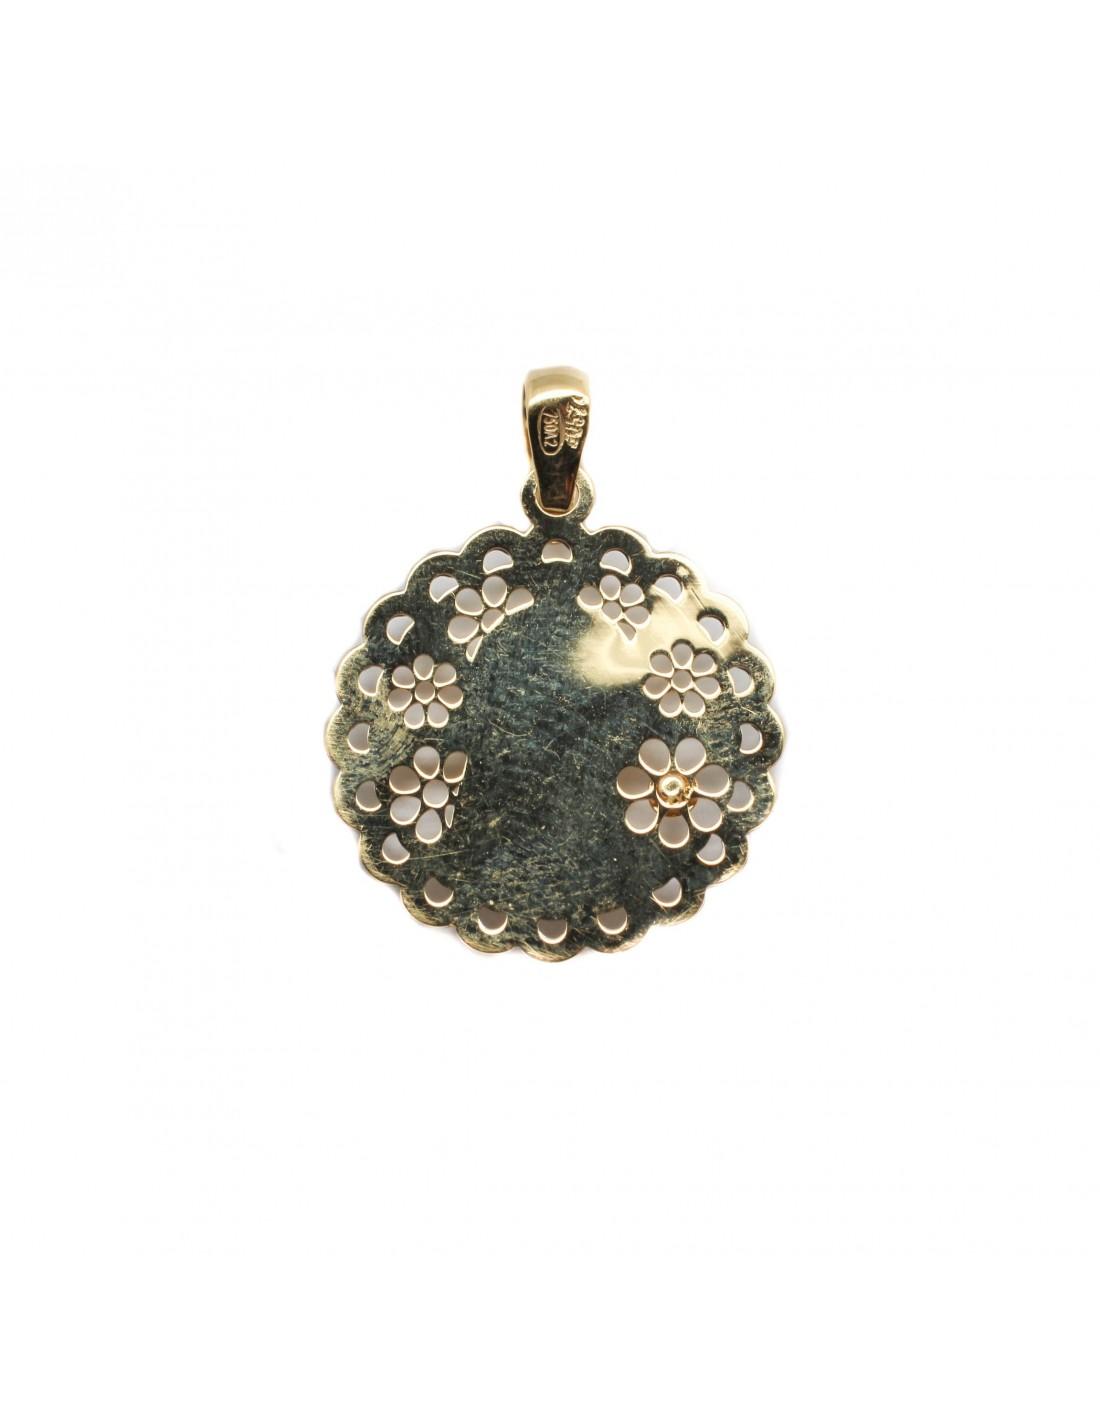 bd16467a4740 ... Medalla para comunión de la Virgen Niña que combina oro amarillo y oro  blanco de 18 ...